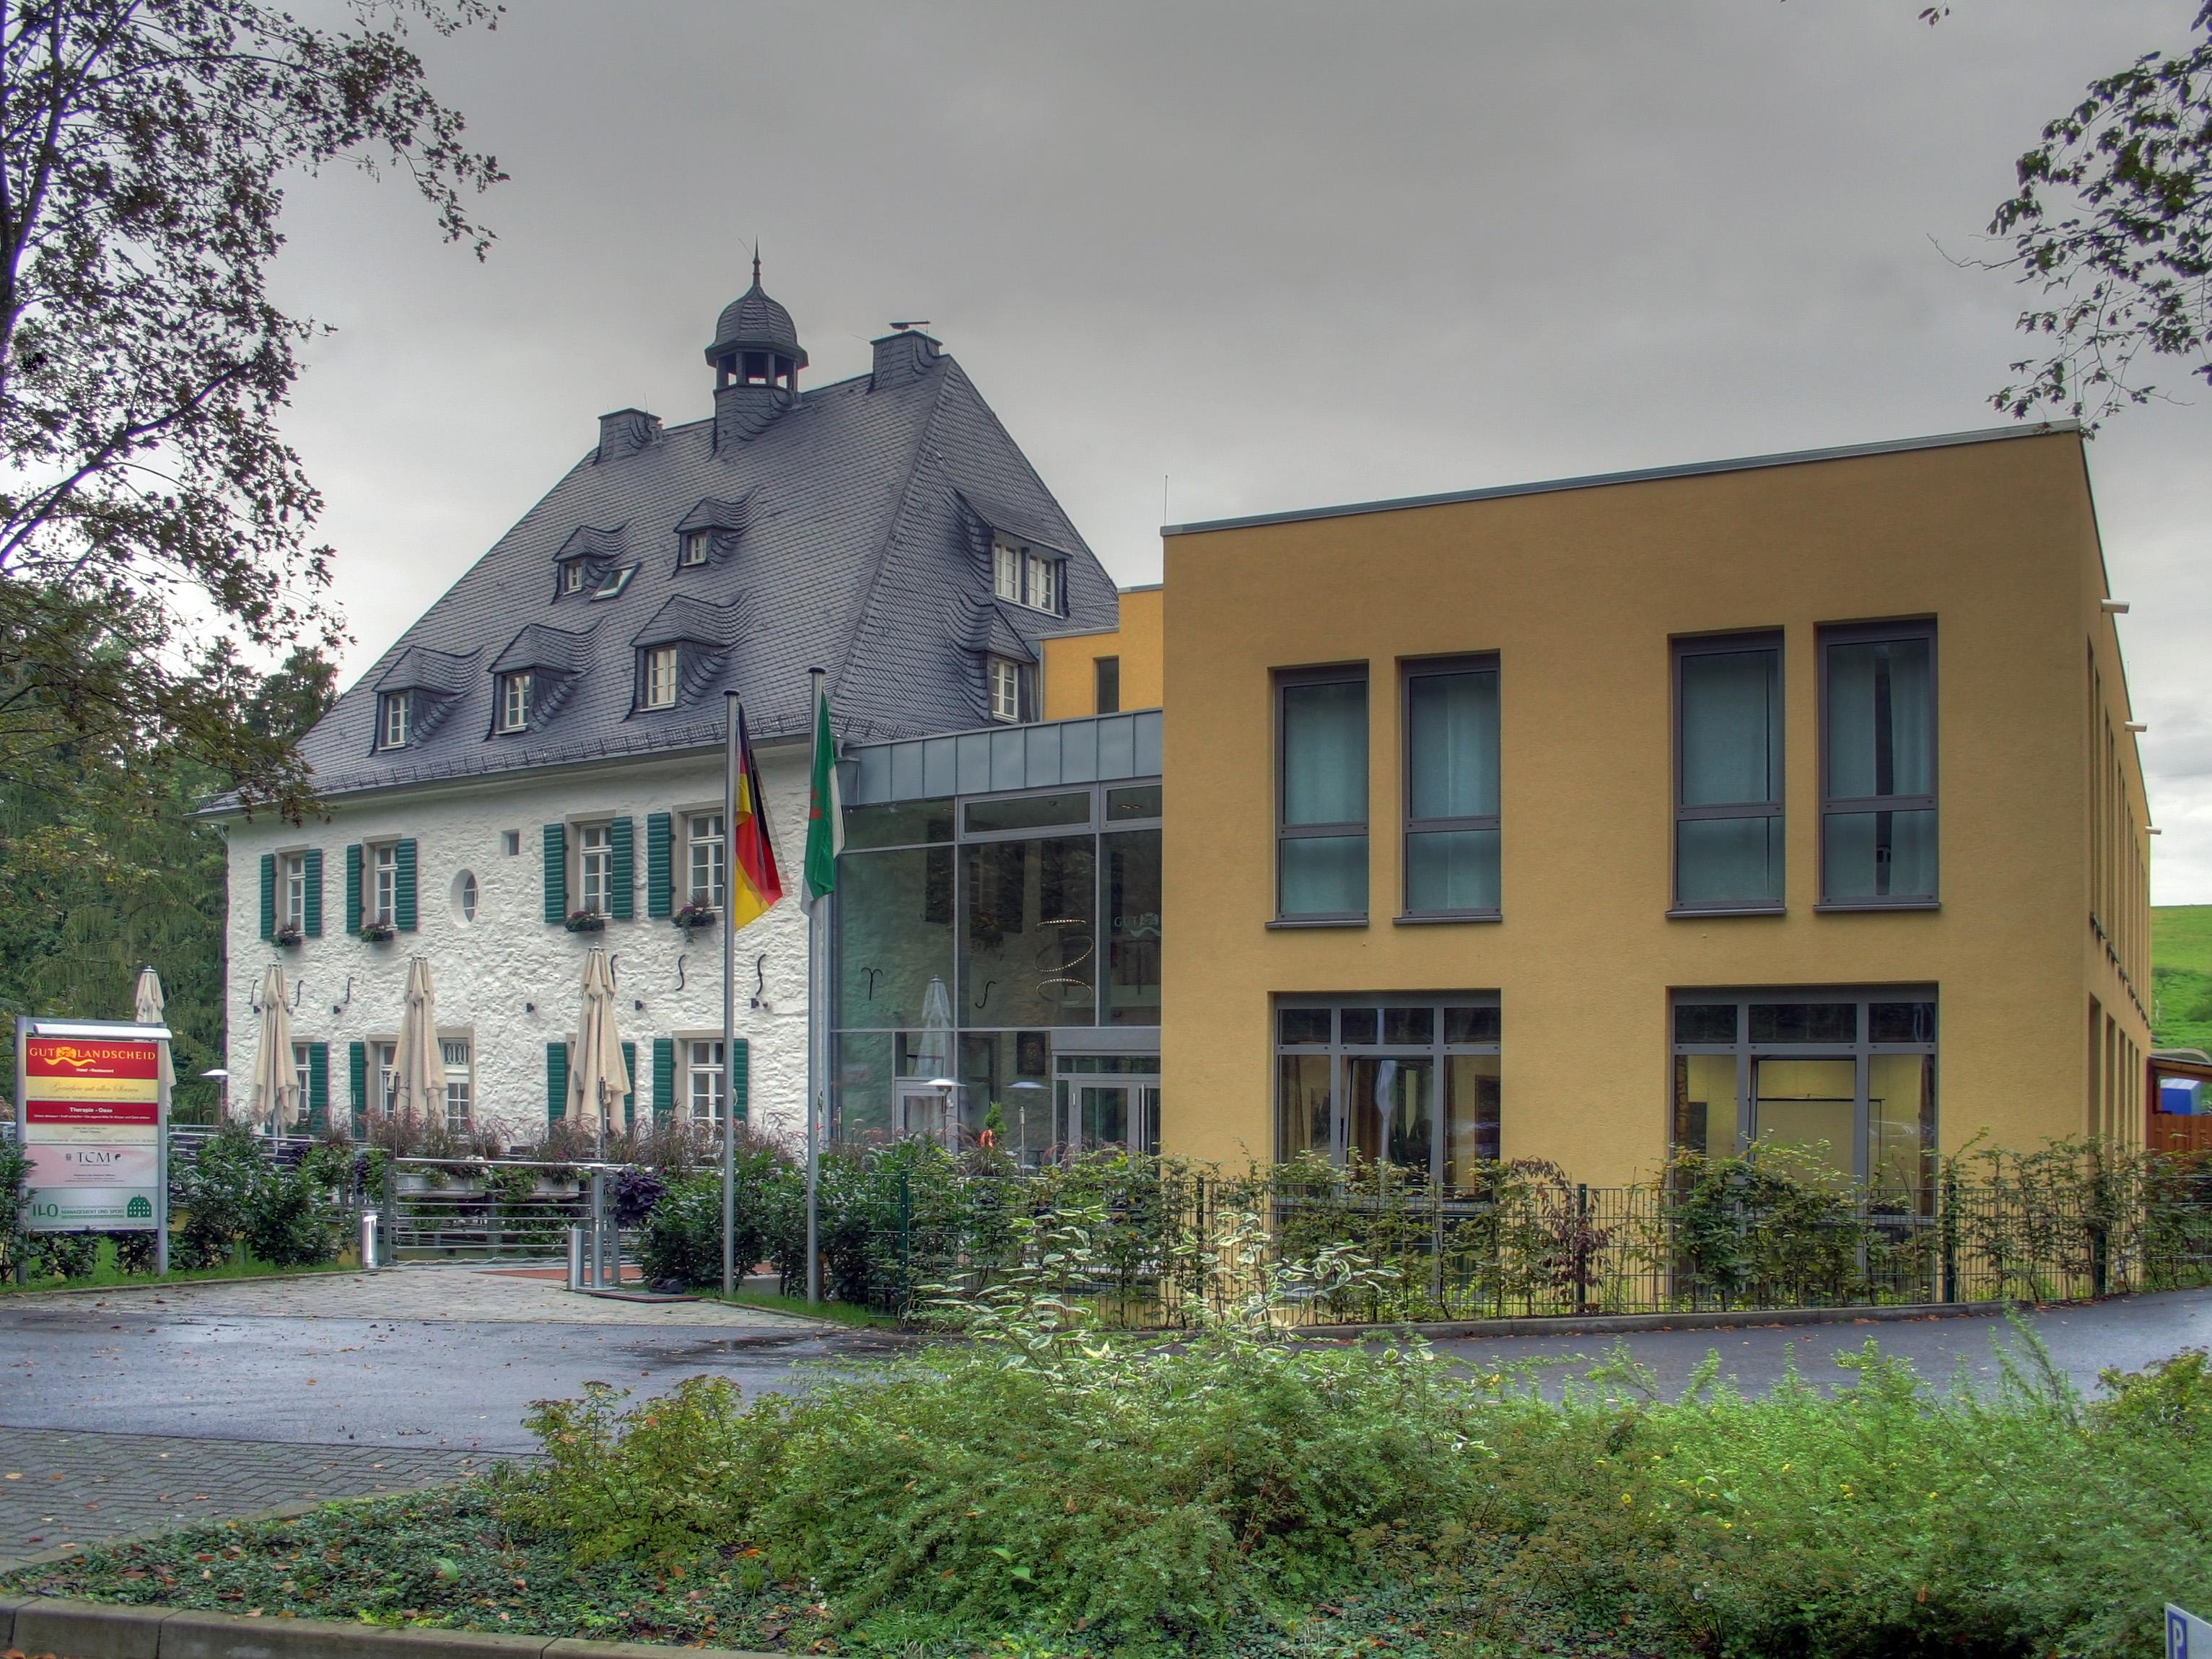 Entzückend Haus Anbau Das Beste Von File: Landscheid Anbau.jpg